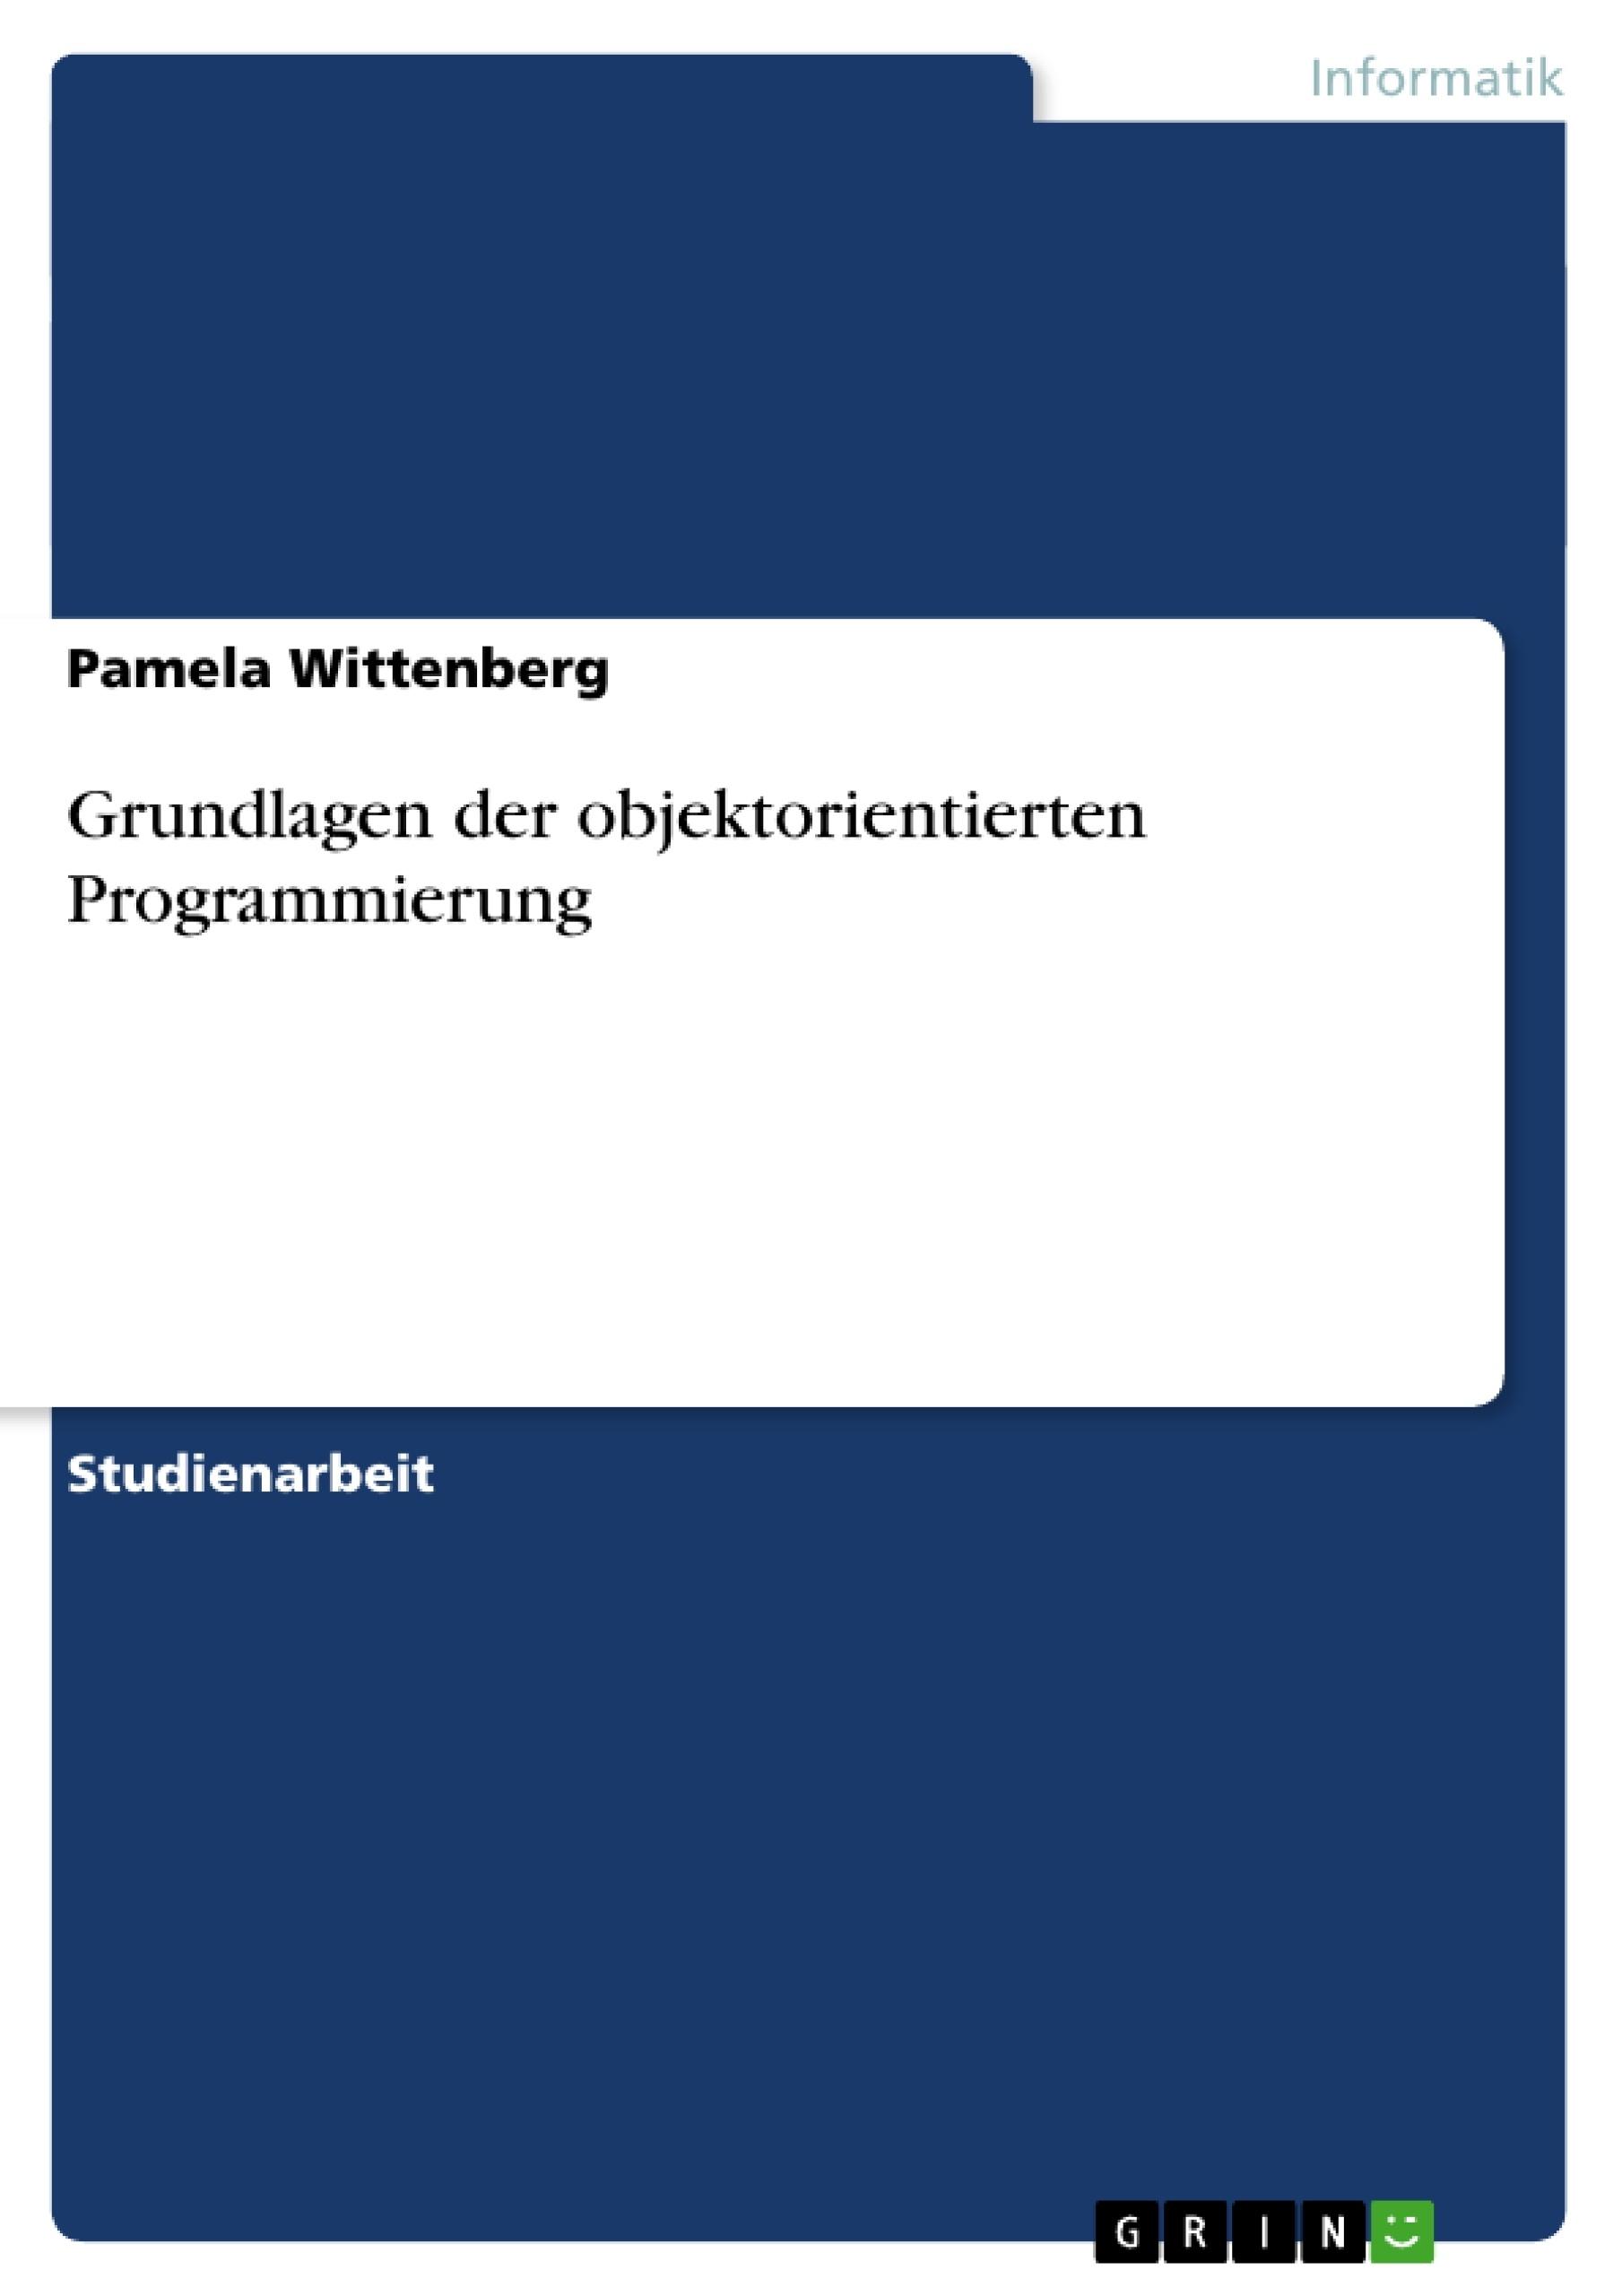 Titel: Grundlagen der objektorientierten Programmierung